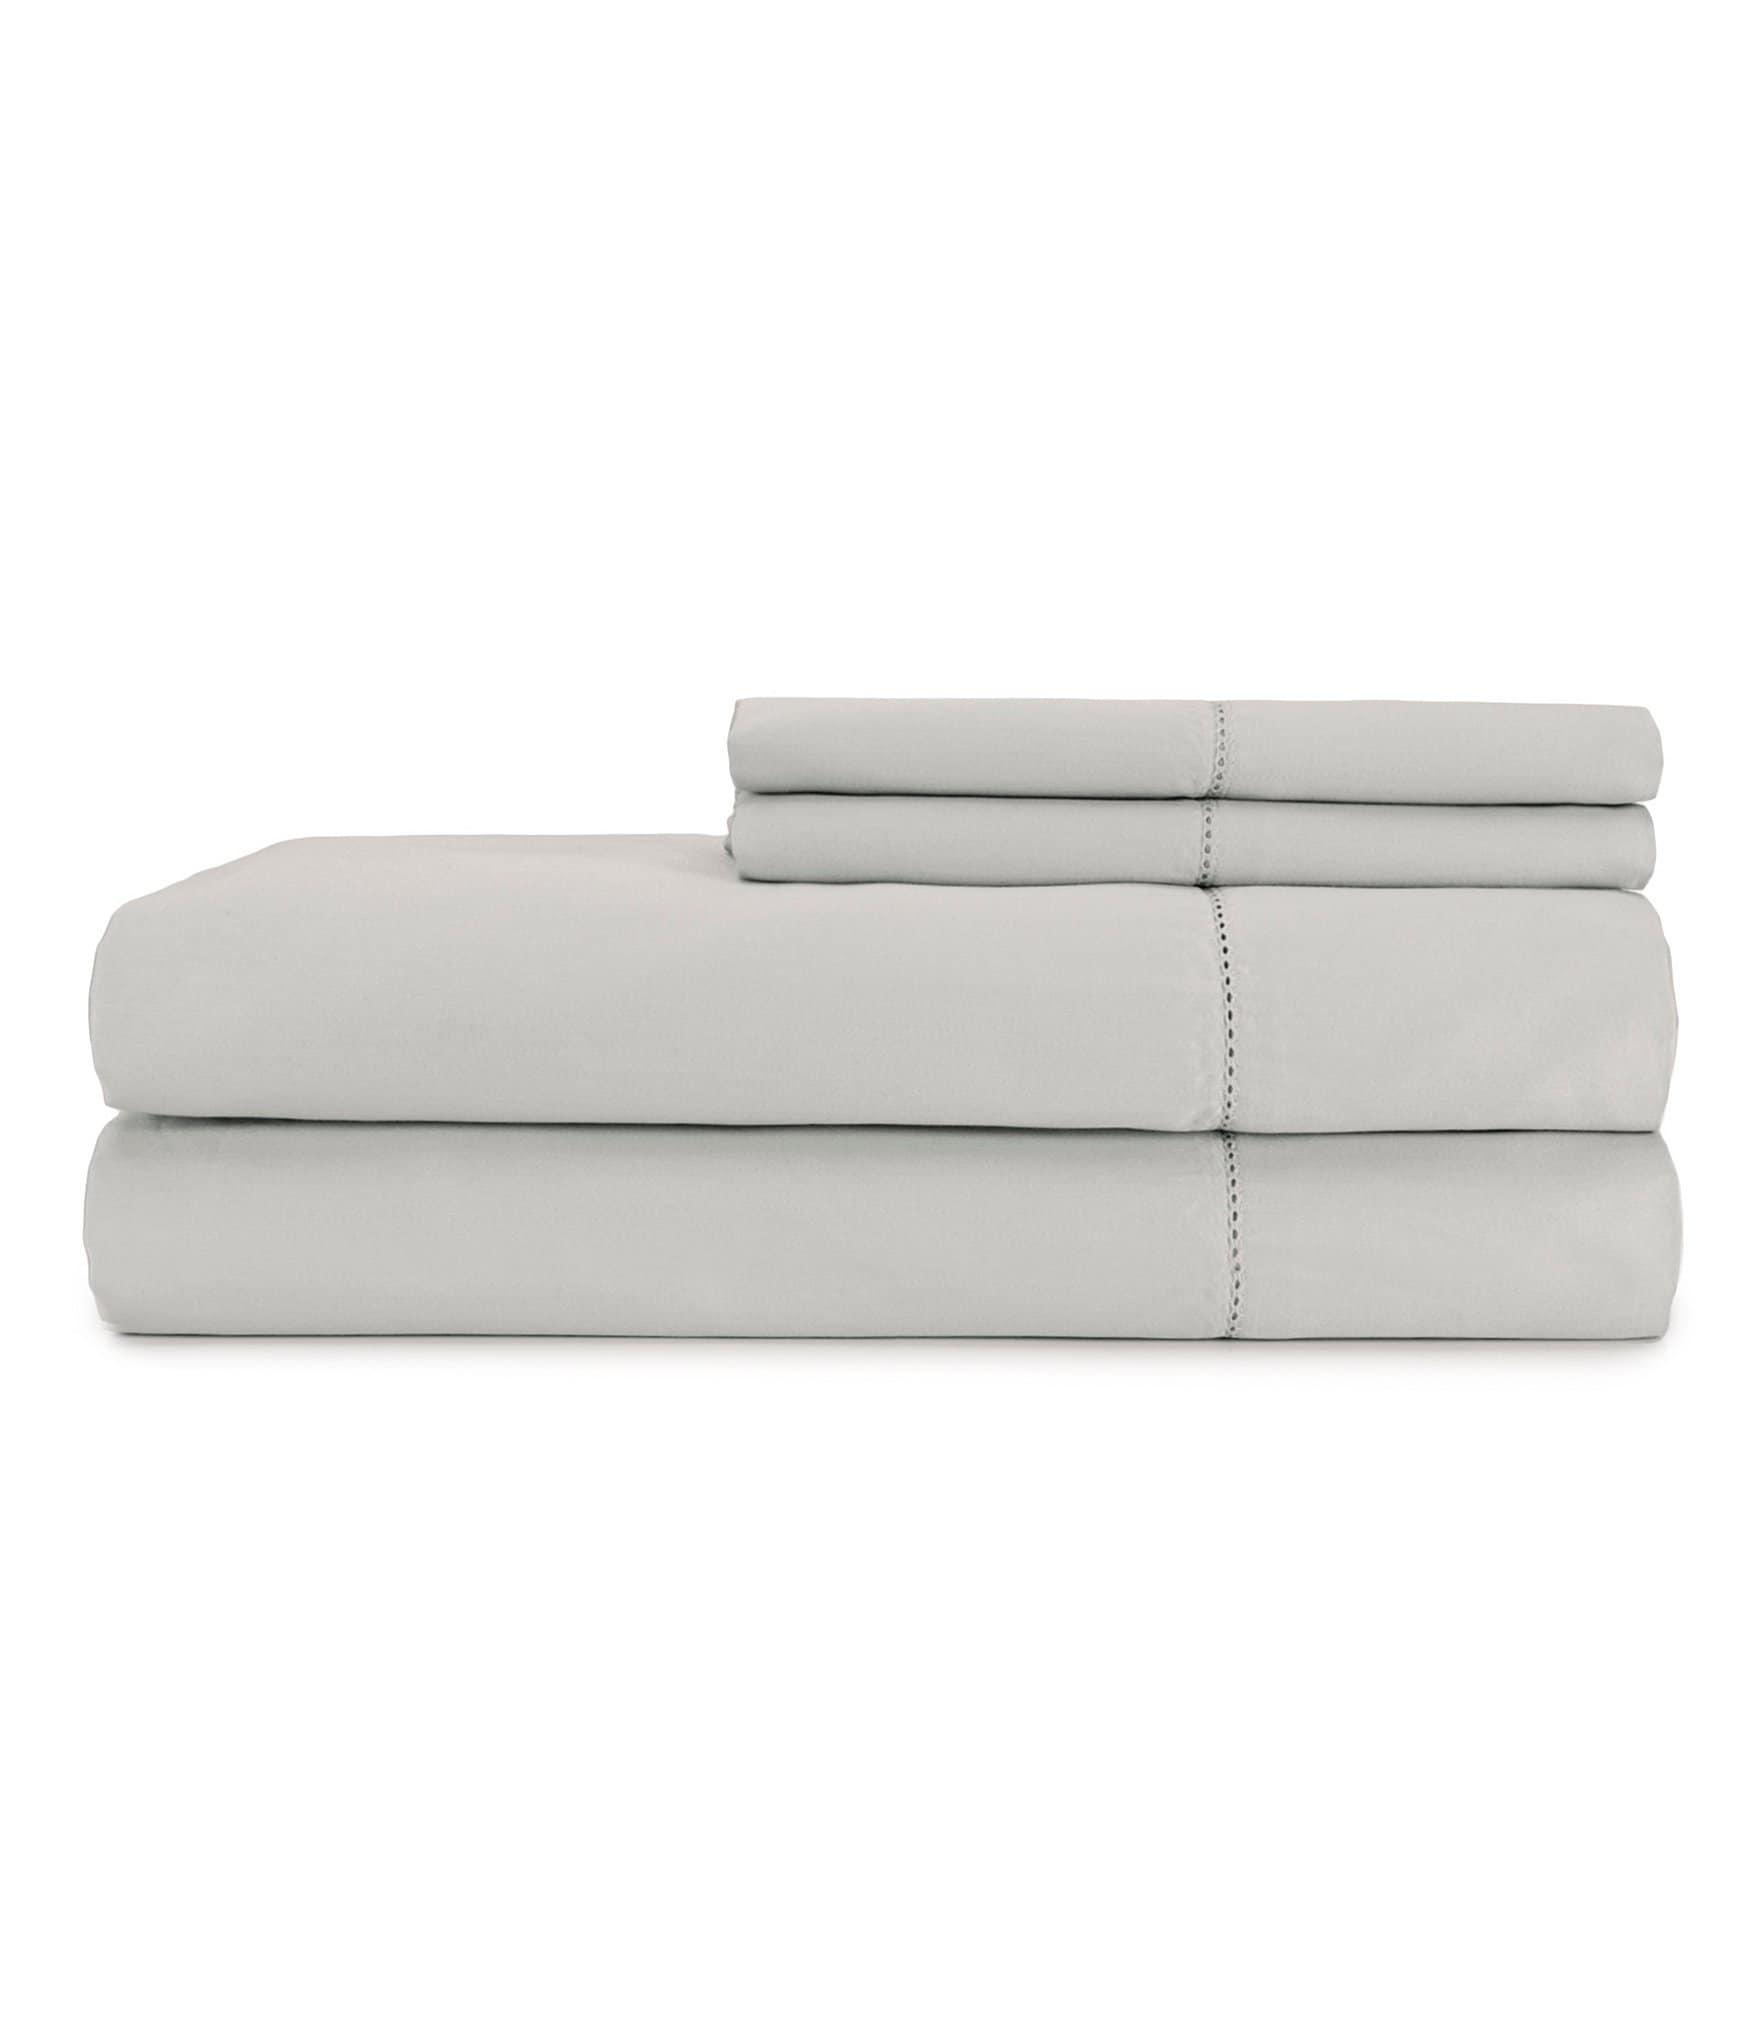 bed sheets dillards